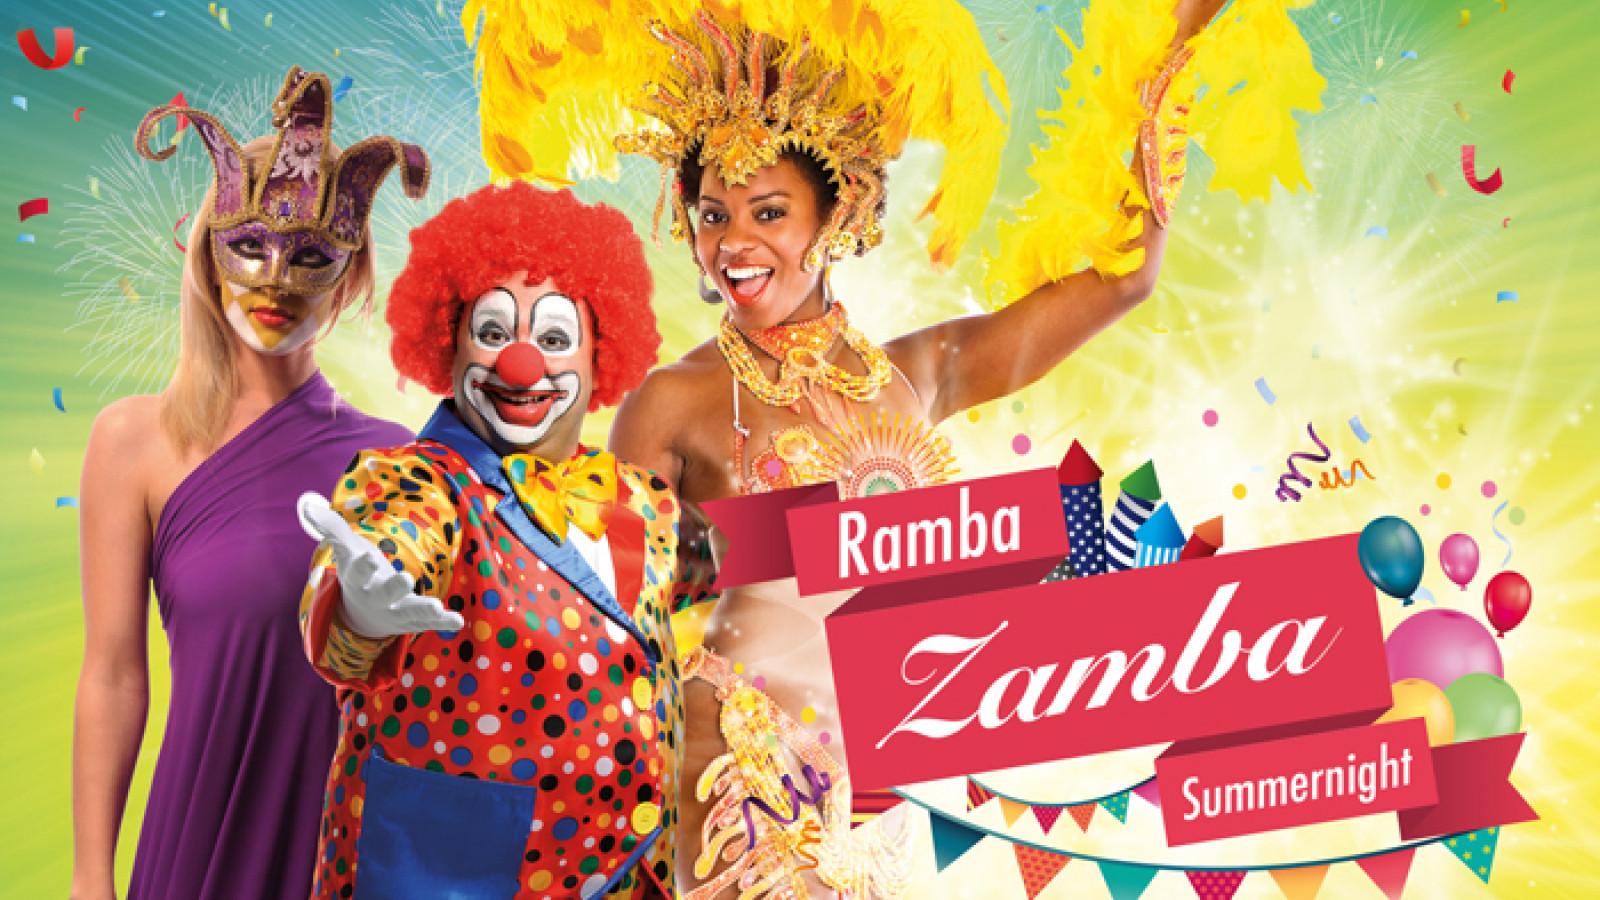 RPR1 Ramba Zamba Summernight